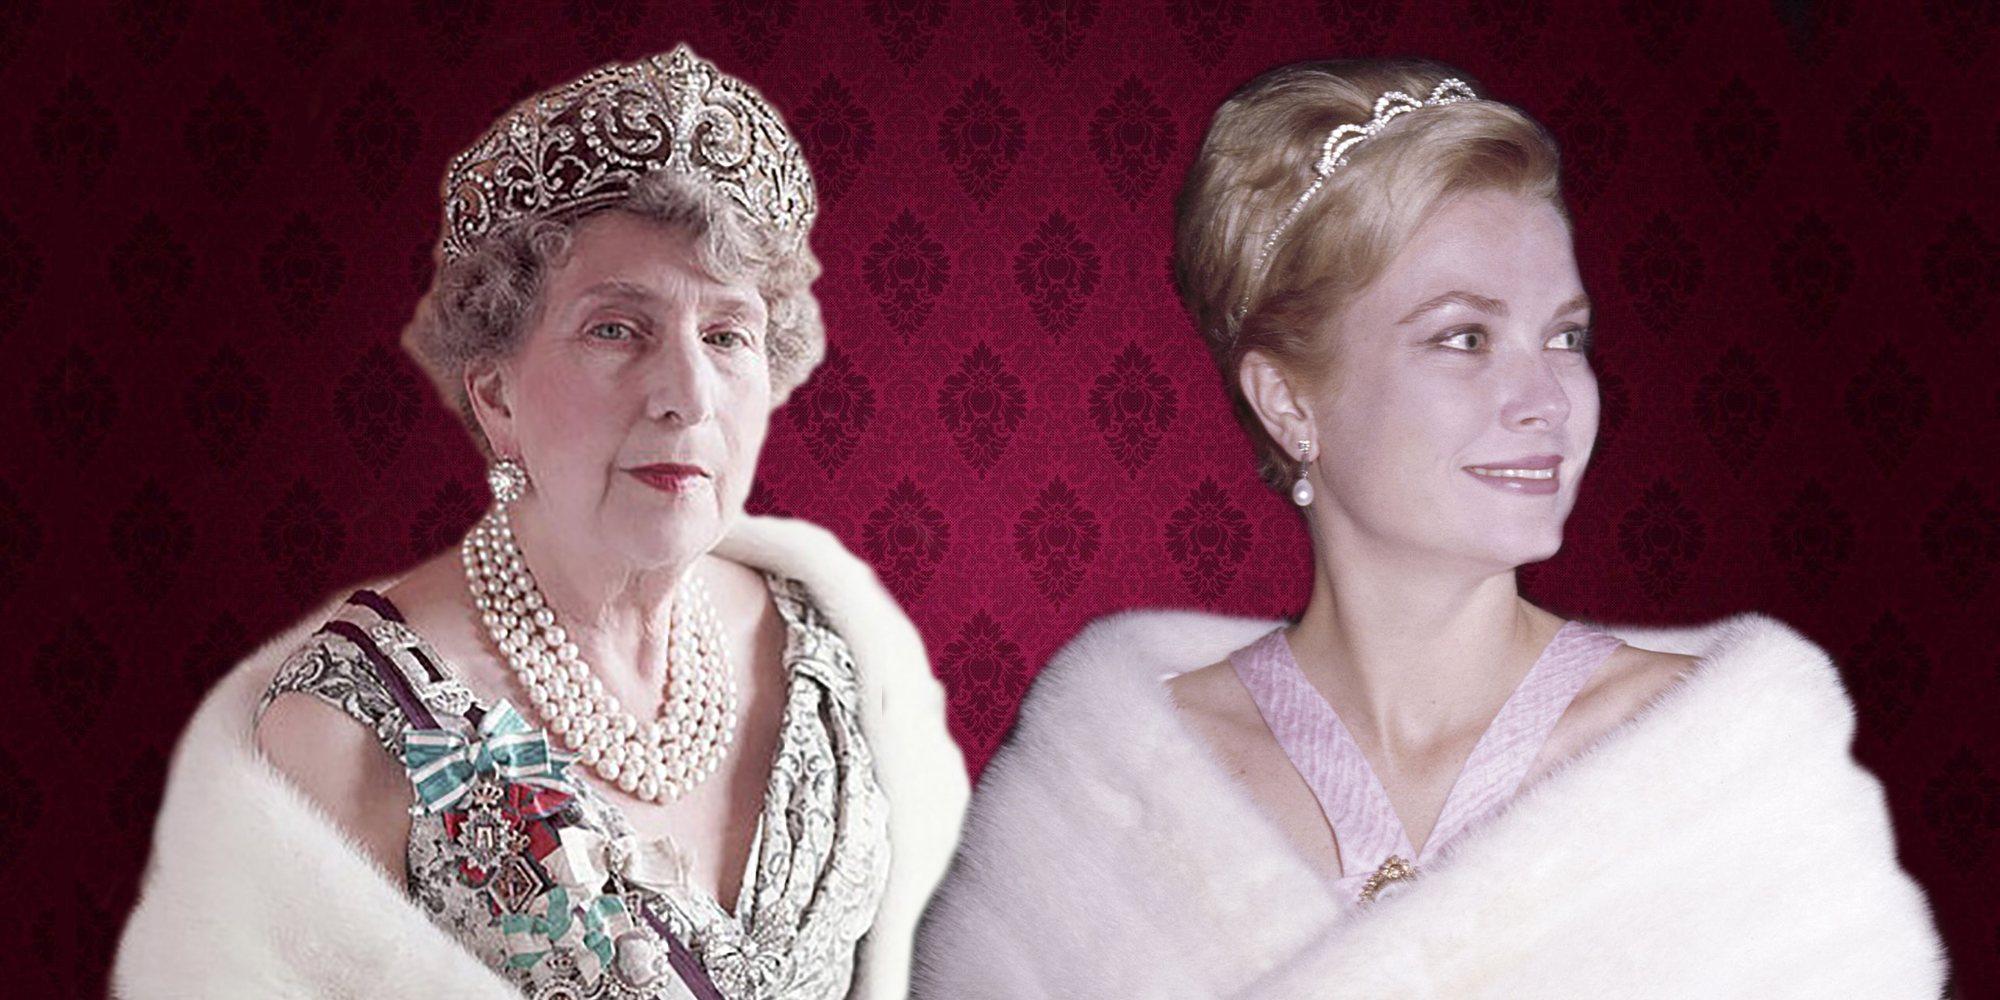 La Reina Victoria Eugenia y Grace de Mónaco: una amistad real marcada por el interés común